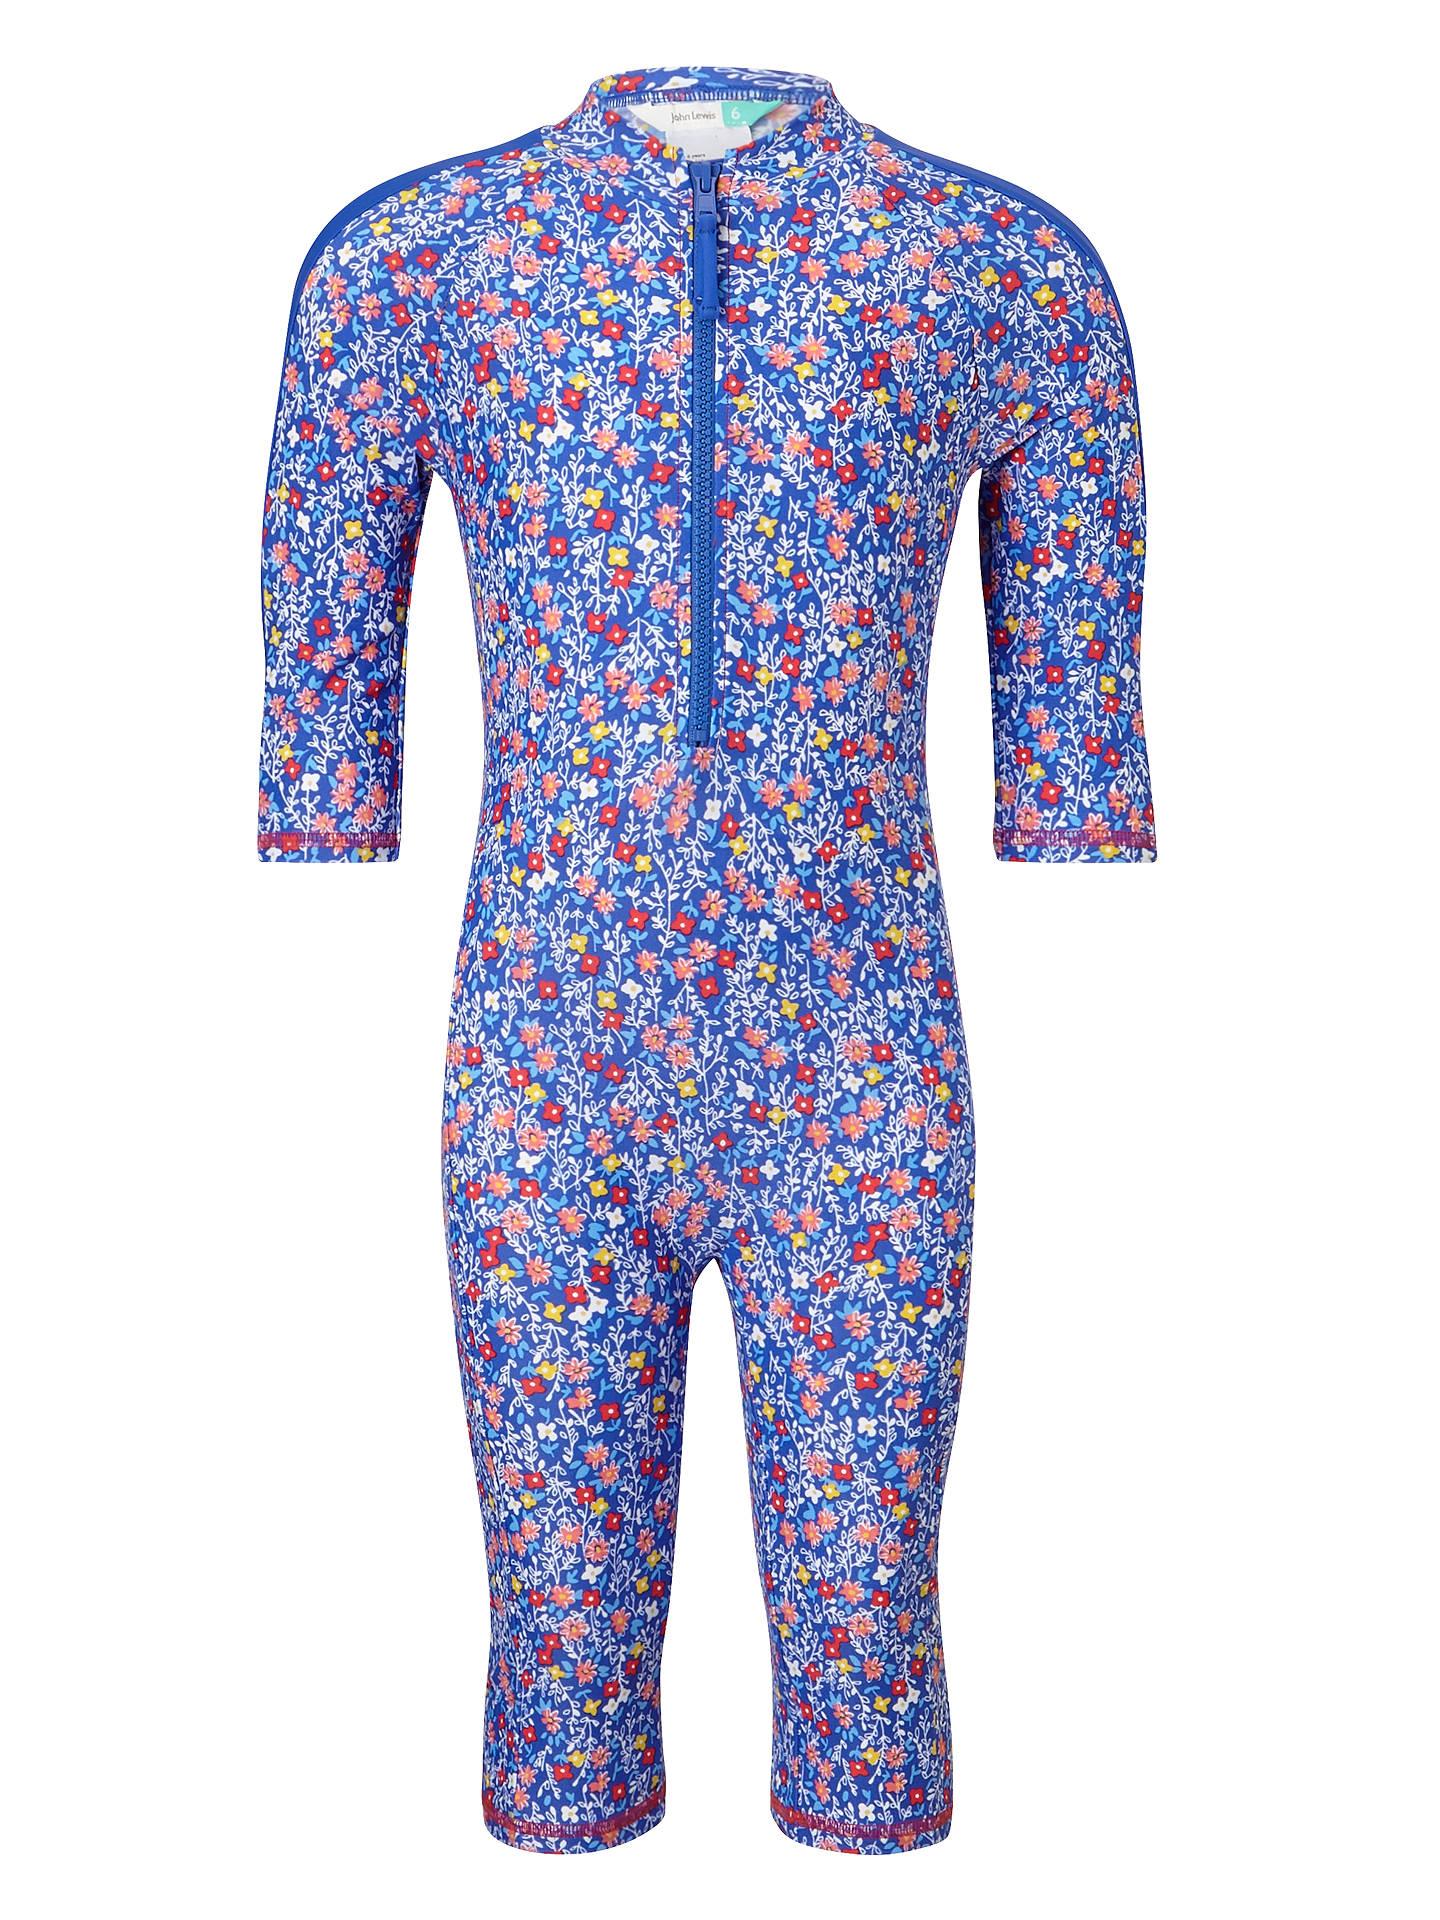 8c058273a8002 Buy John Lewis Girls' Flower UV SunPro All-in-One Swimsuit, Multi ...